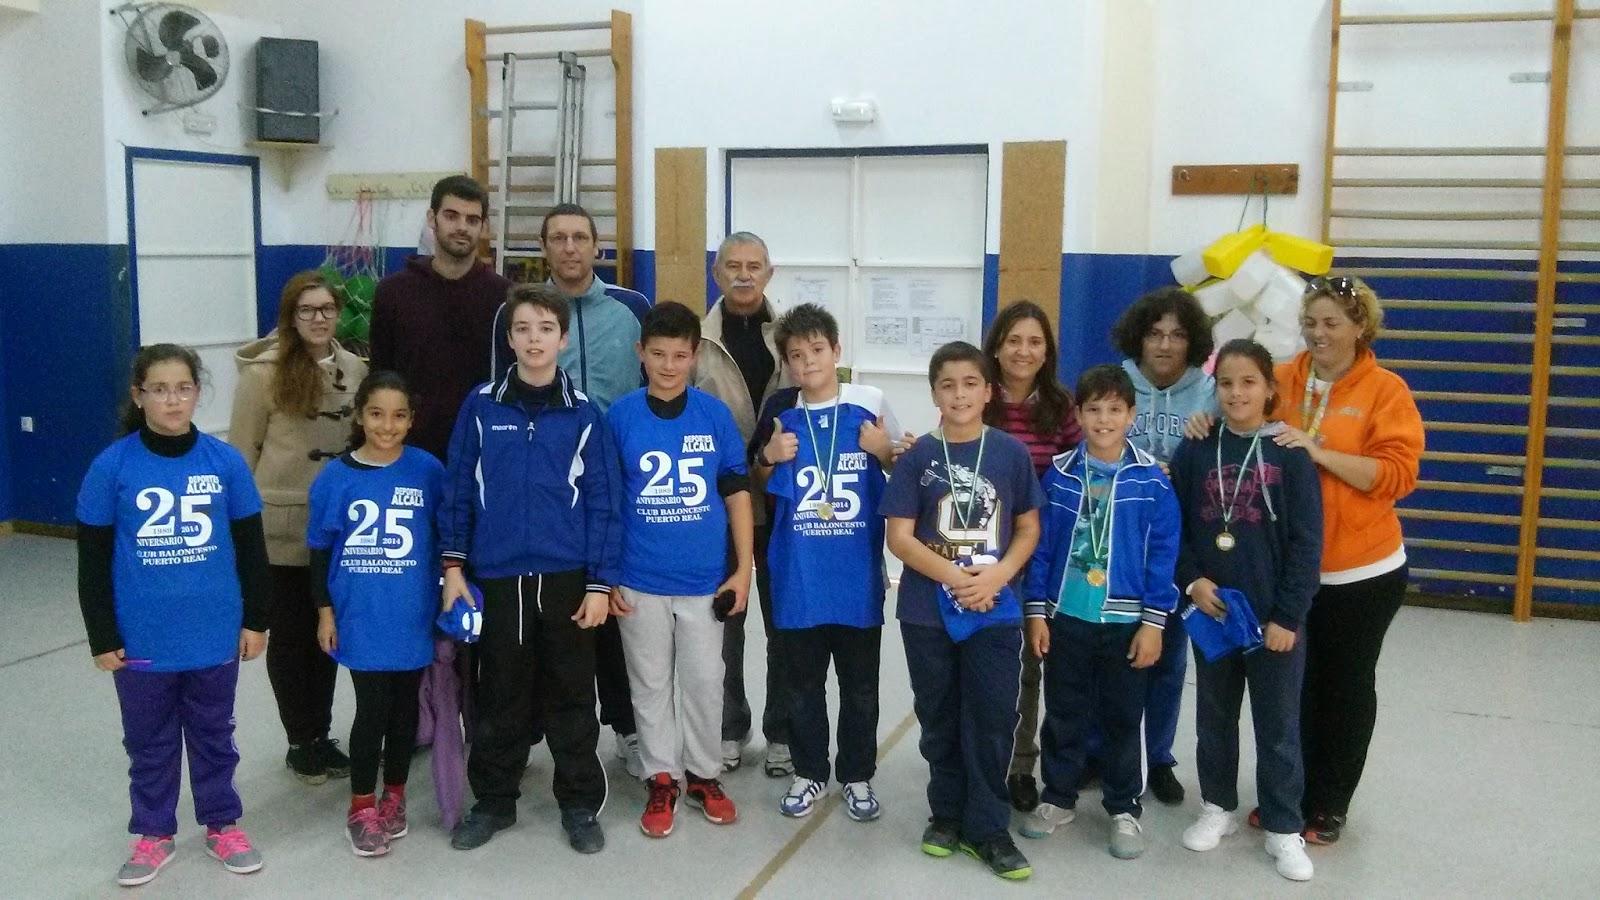 Club baloncesto puerto real torneo 3x3 en el colegio - Colegio arquitectos cadiz ...